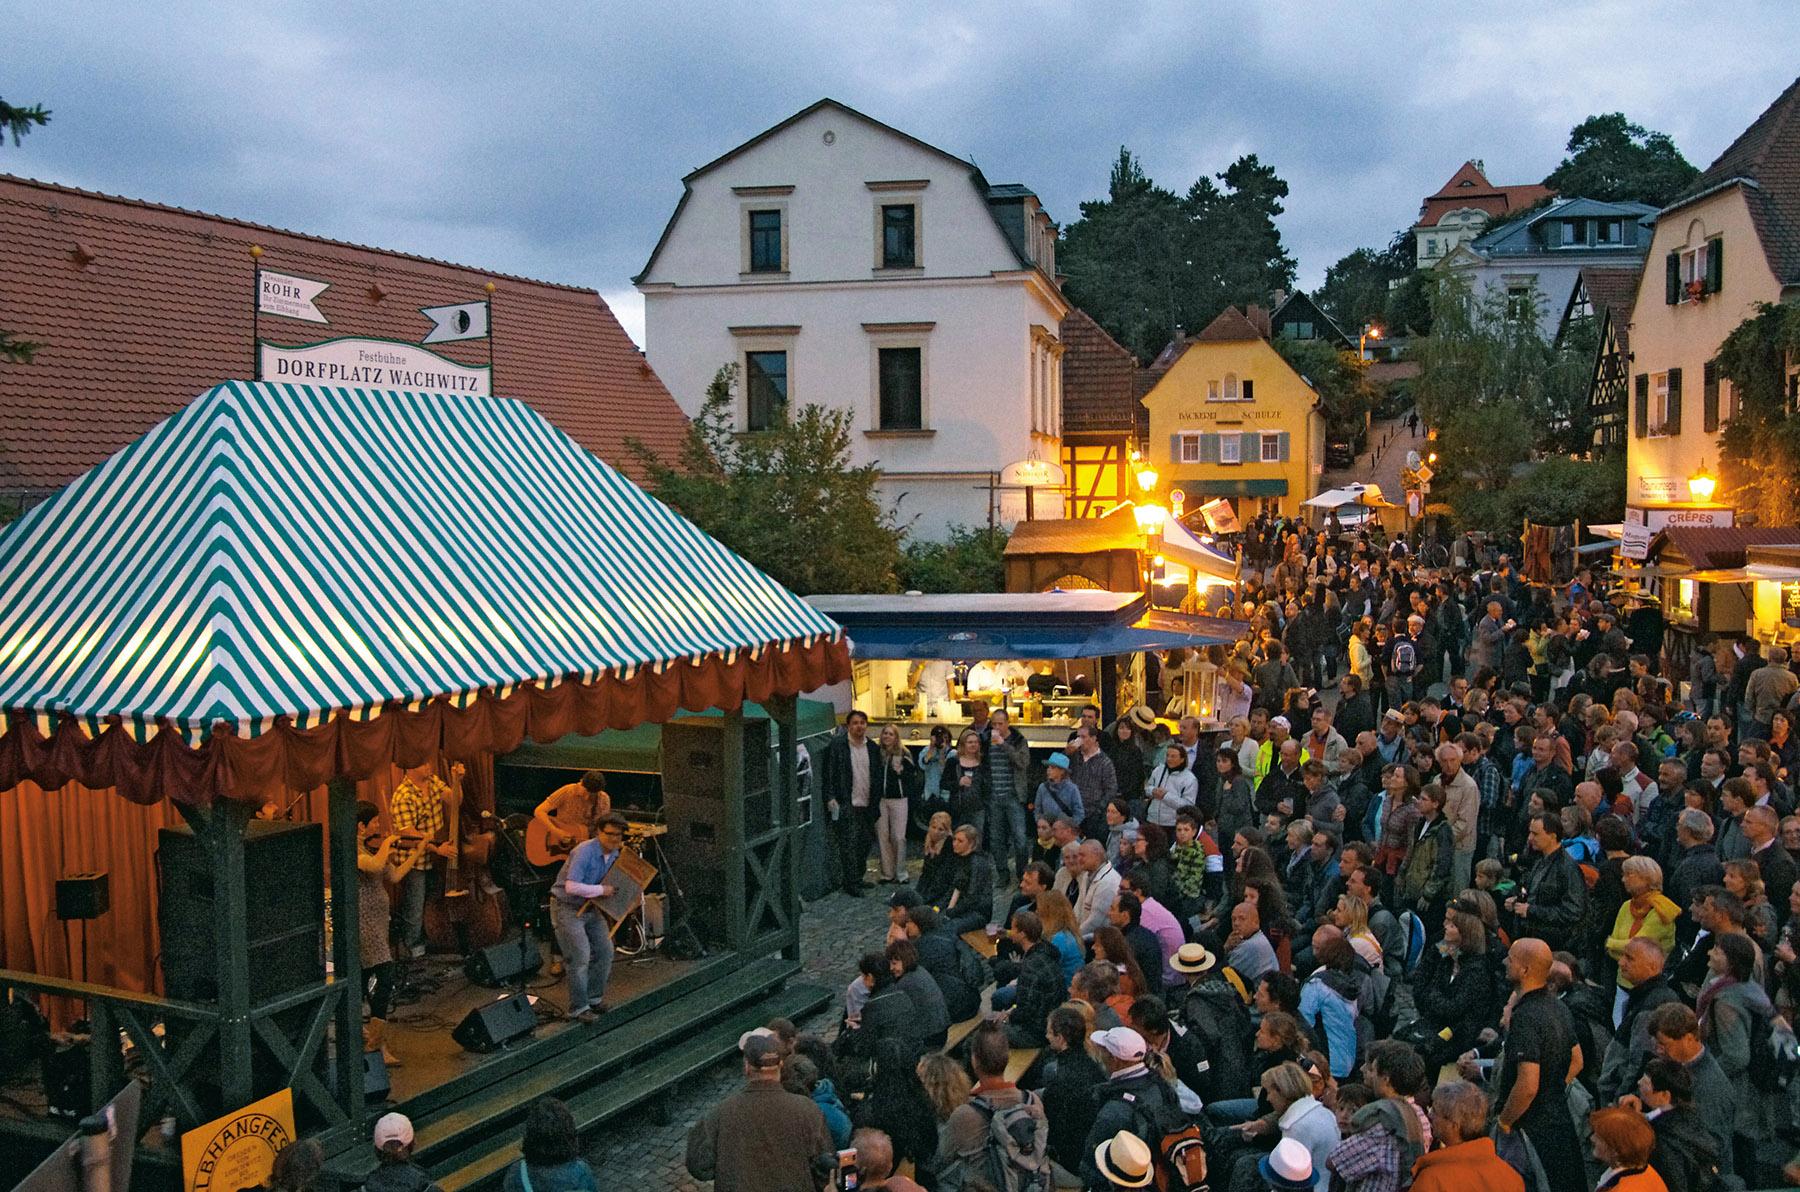 Bei Besuchern beliebt: Die Wachwitzer Festbühne. © Elbhangfest